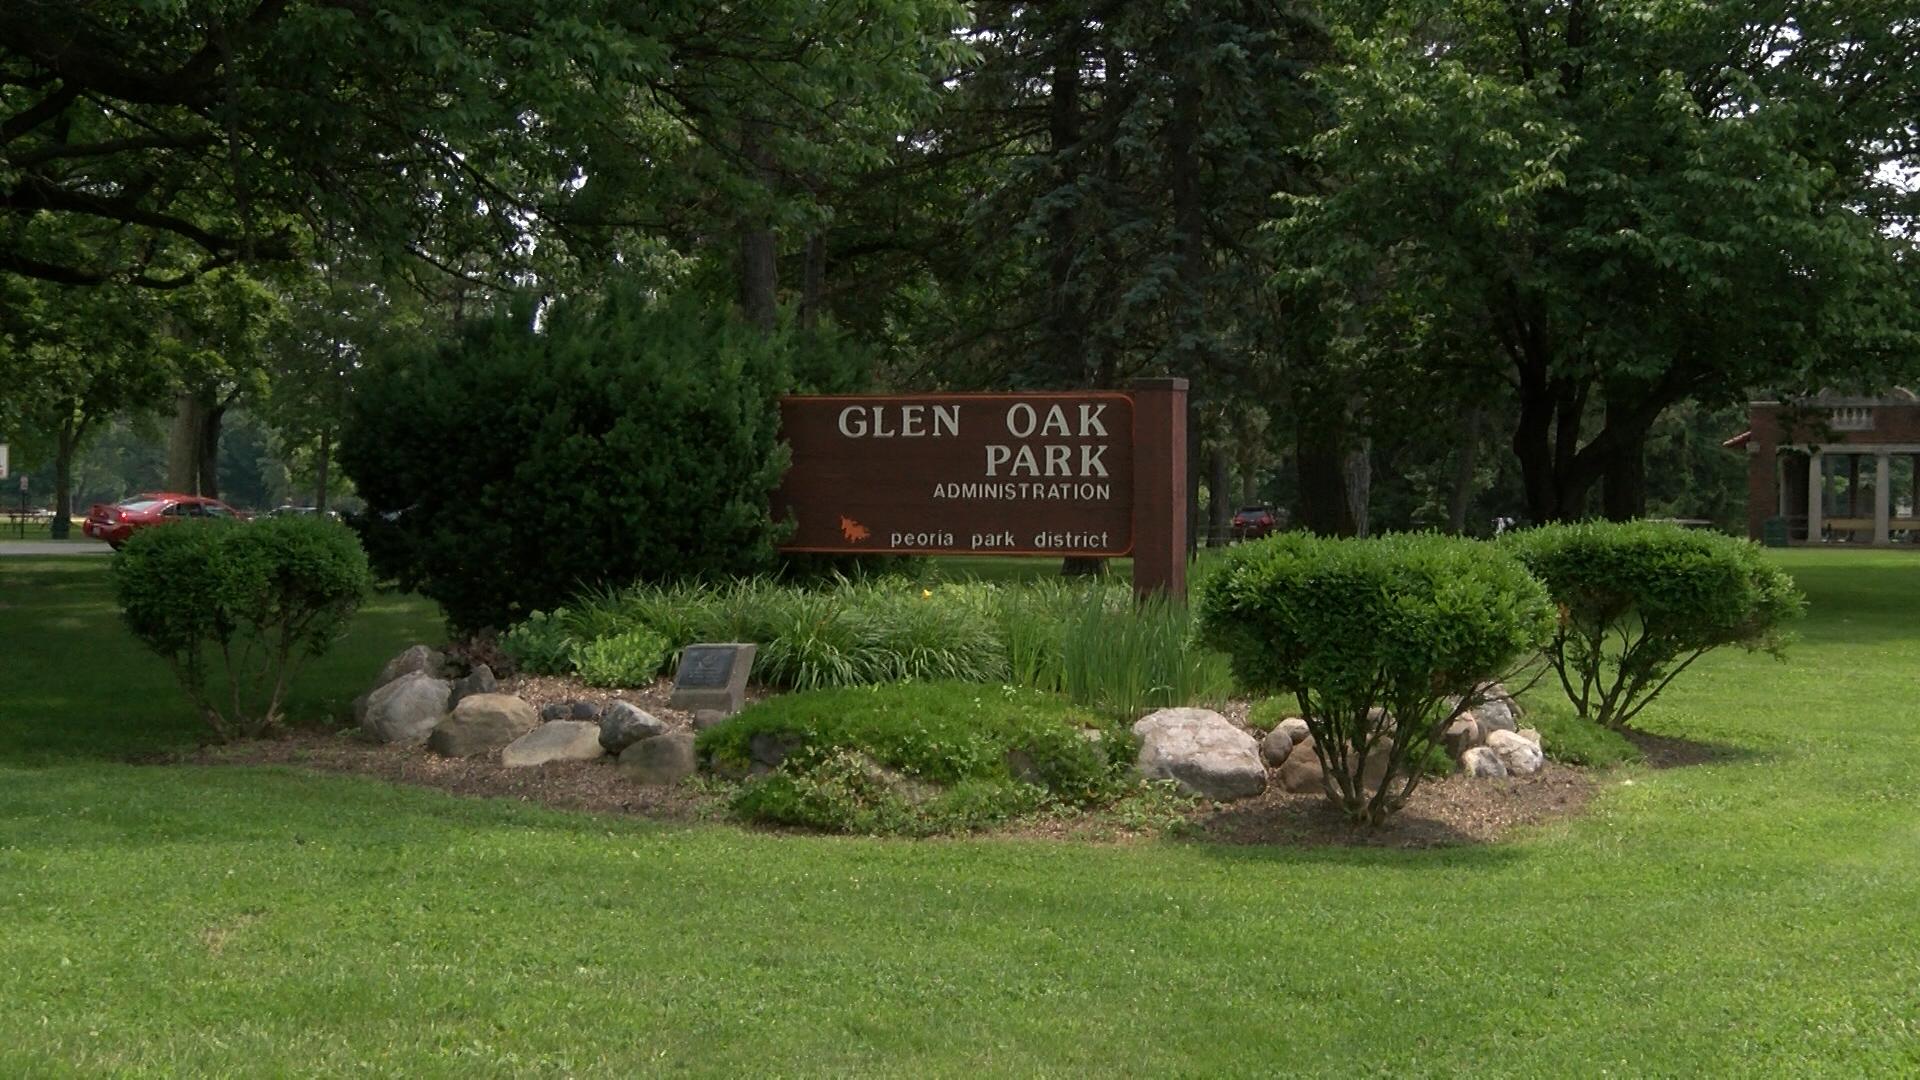 Glen Oak Fireworks